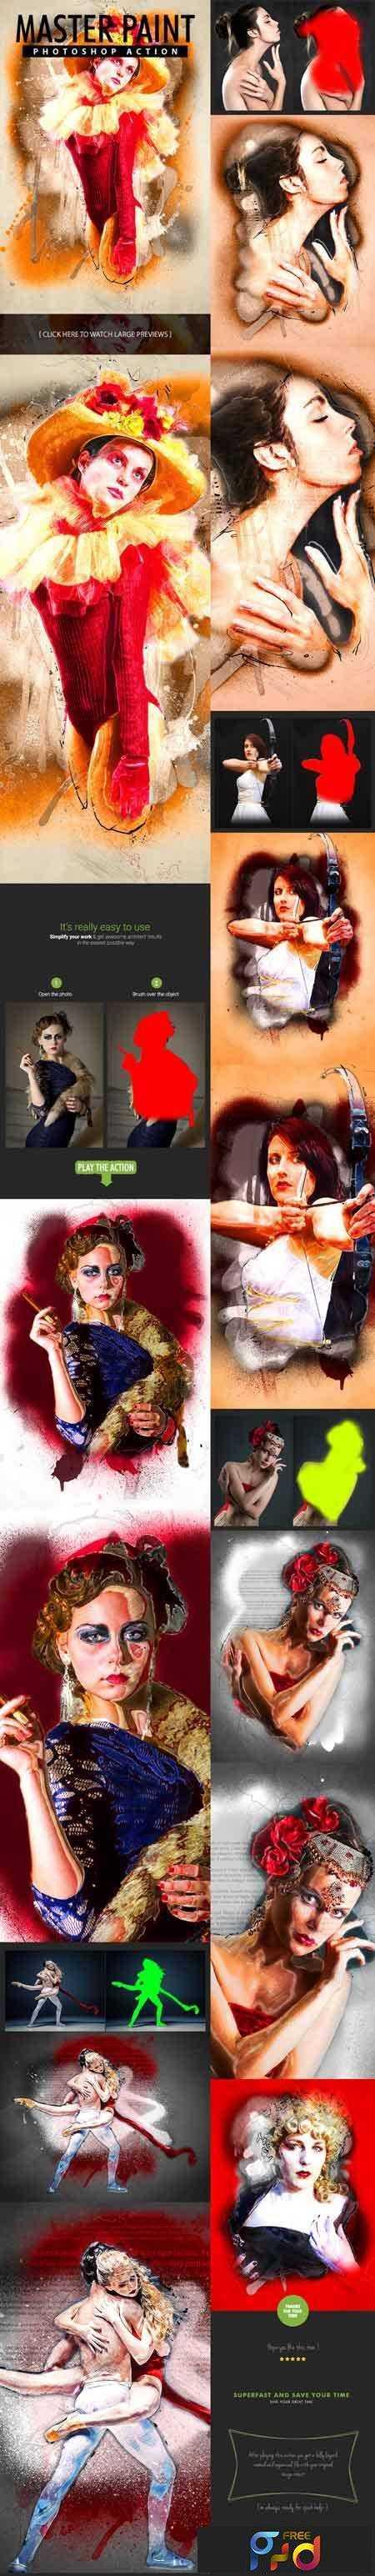 FreePsdVn.com_1705156_PHOTOSHOP_master_paint_photoshop_action_20487229